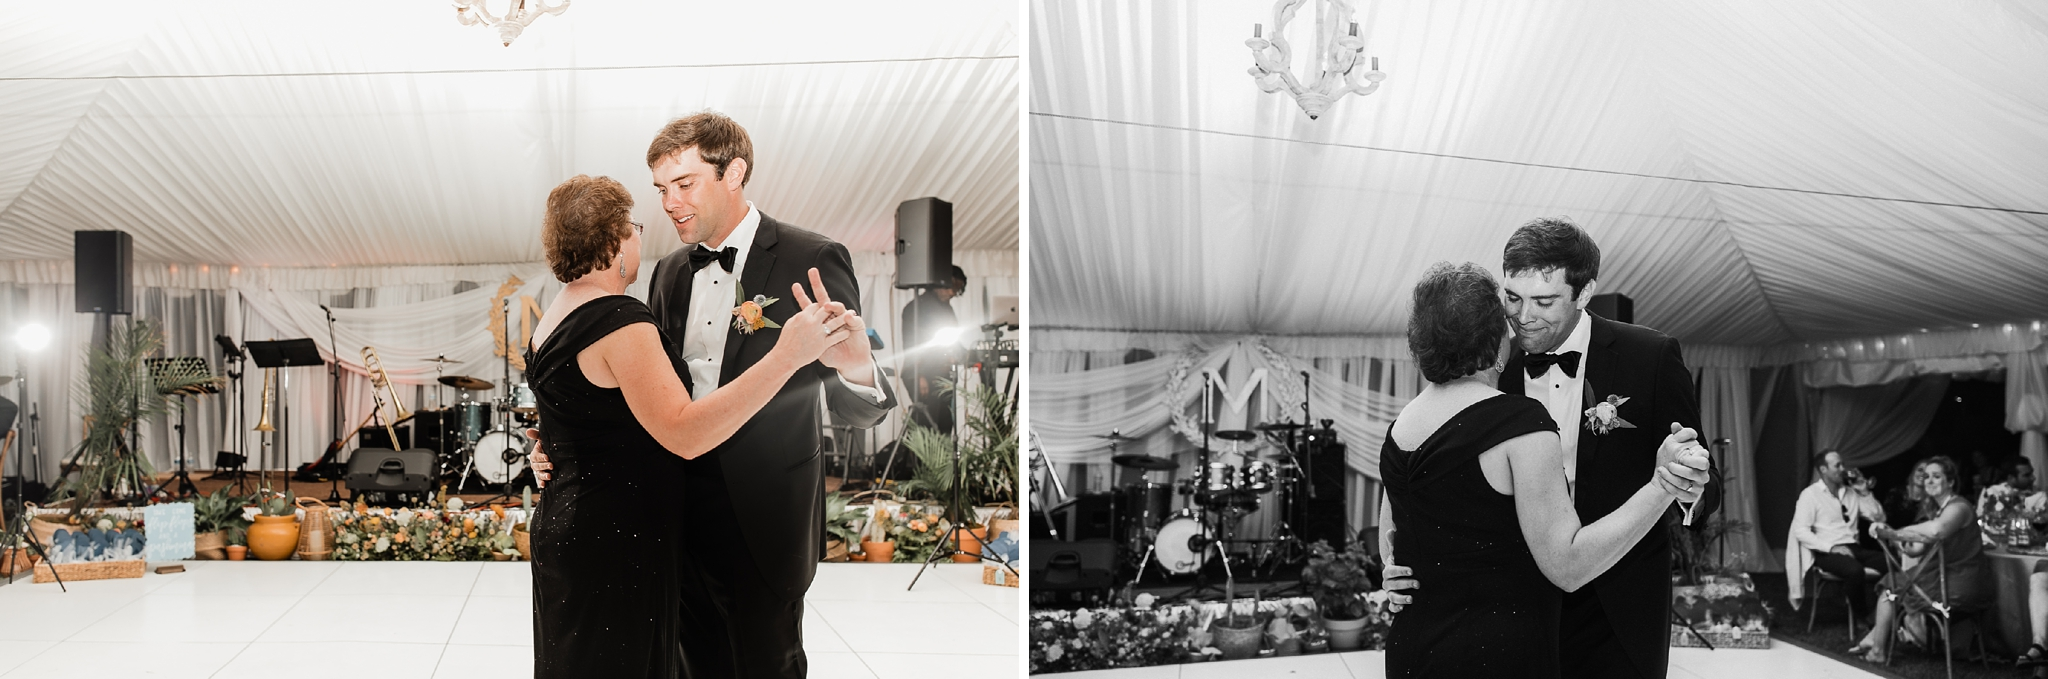 Alicia+lucia+photography+-+albuquerque+wedding+photographer+-+santa+fe+wedding+photography+-+new+mexico+wedding+photographer+-+new+mexico+wedding+-+las+campanas+wedding+-+santa+fe+wedding+-+maximalist+wedding+-+destination+wedding_0153.jpg